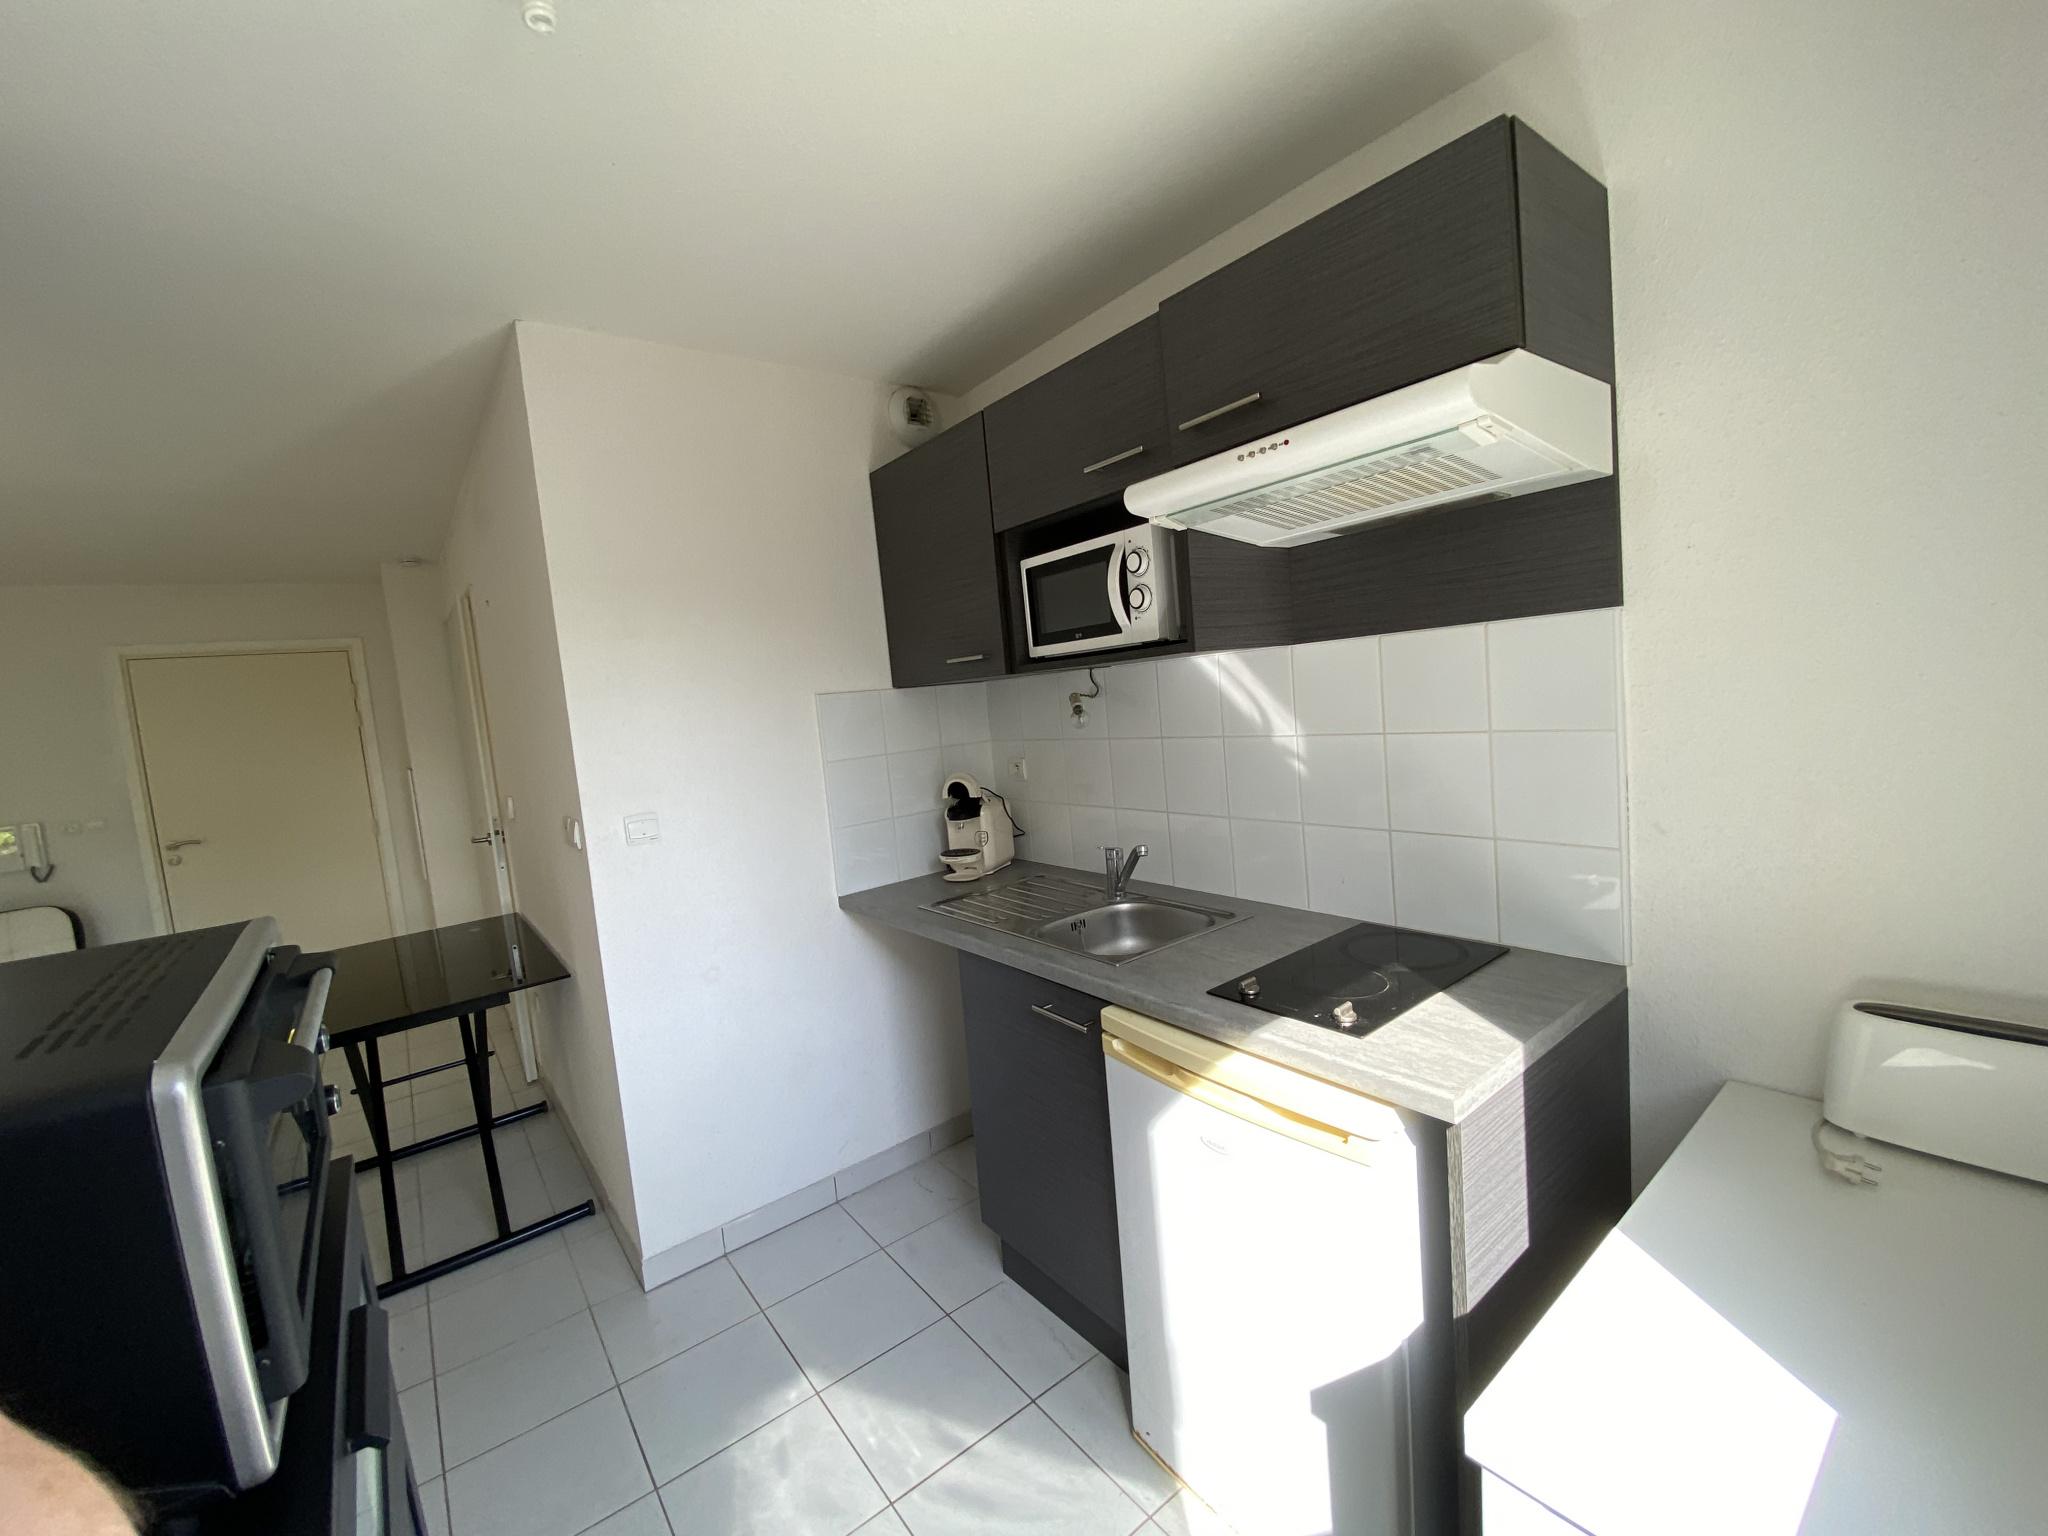 À vendre appartement de 44m2 à argeles sur mer (66700) - Photo 11'